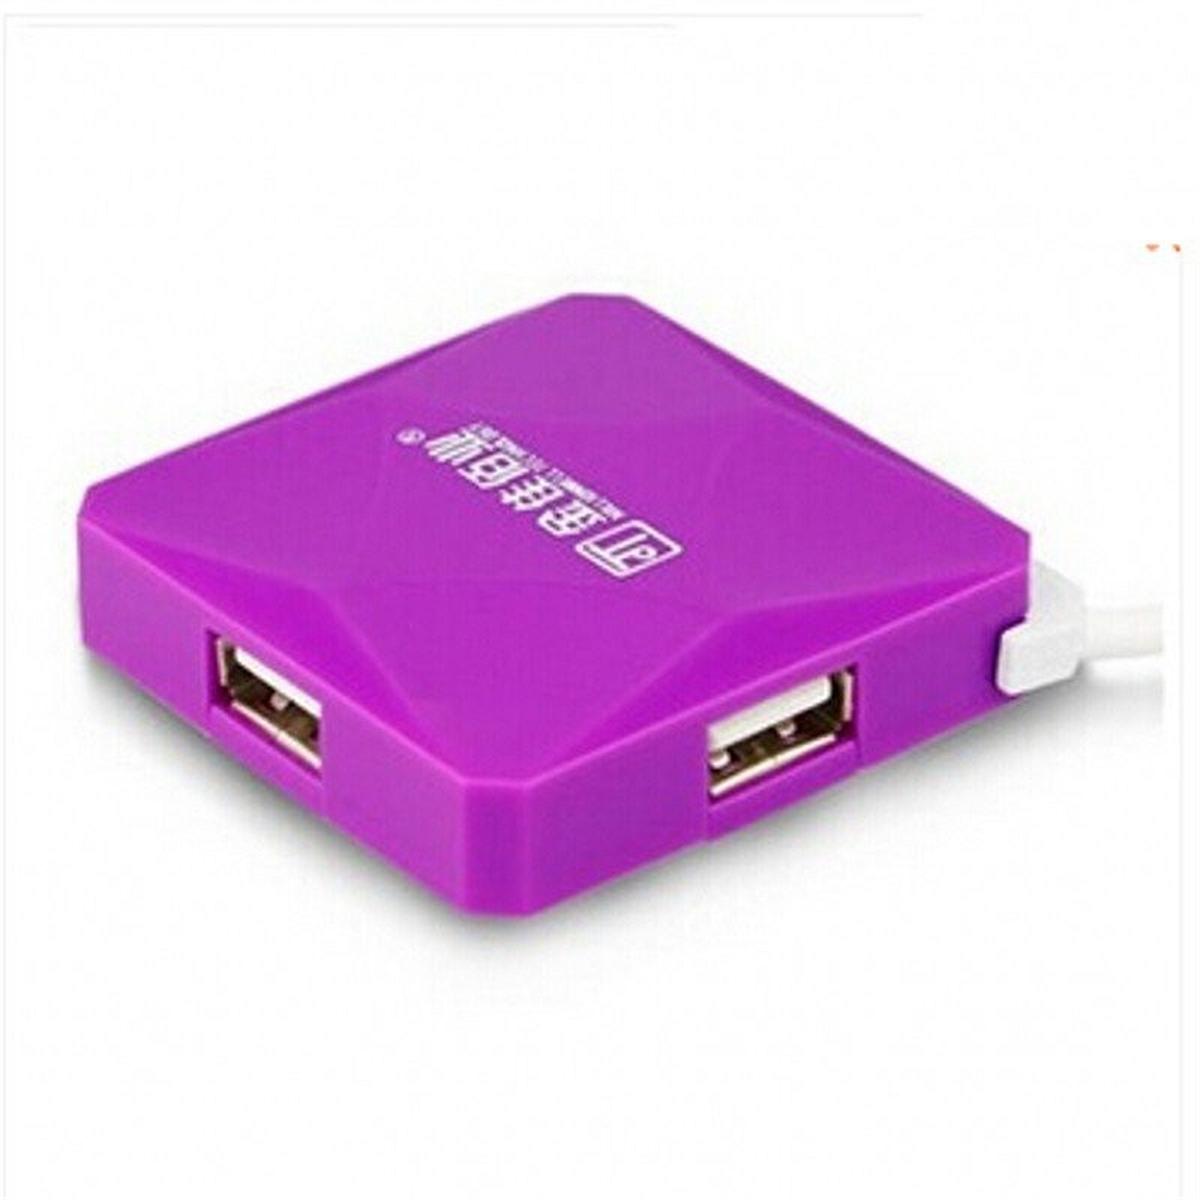 金佳佰业 水立方 USB-HUBUSB集线器 1.2M (单位:卡) 紫色